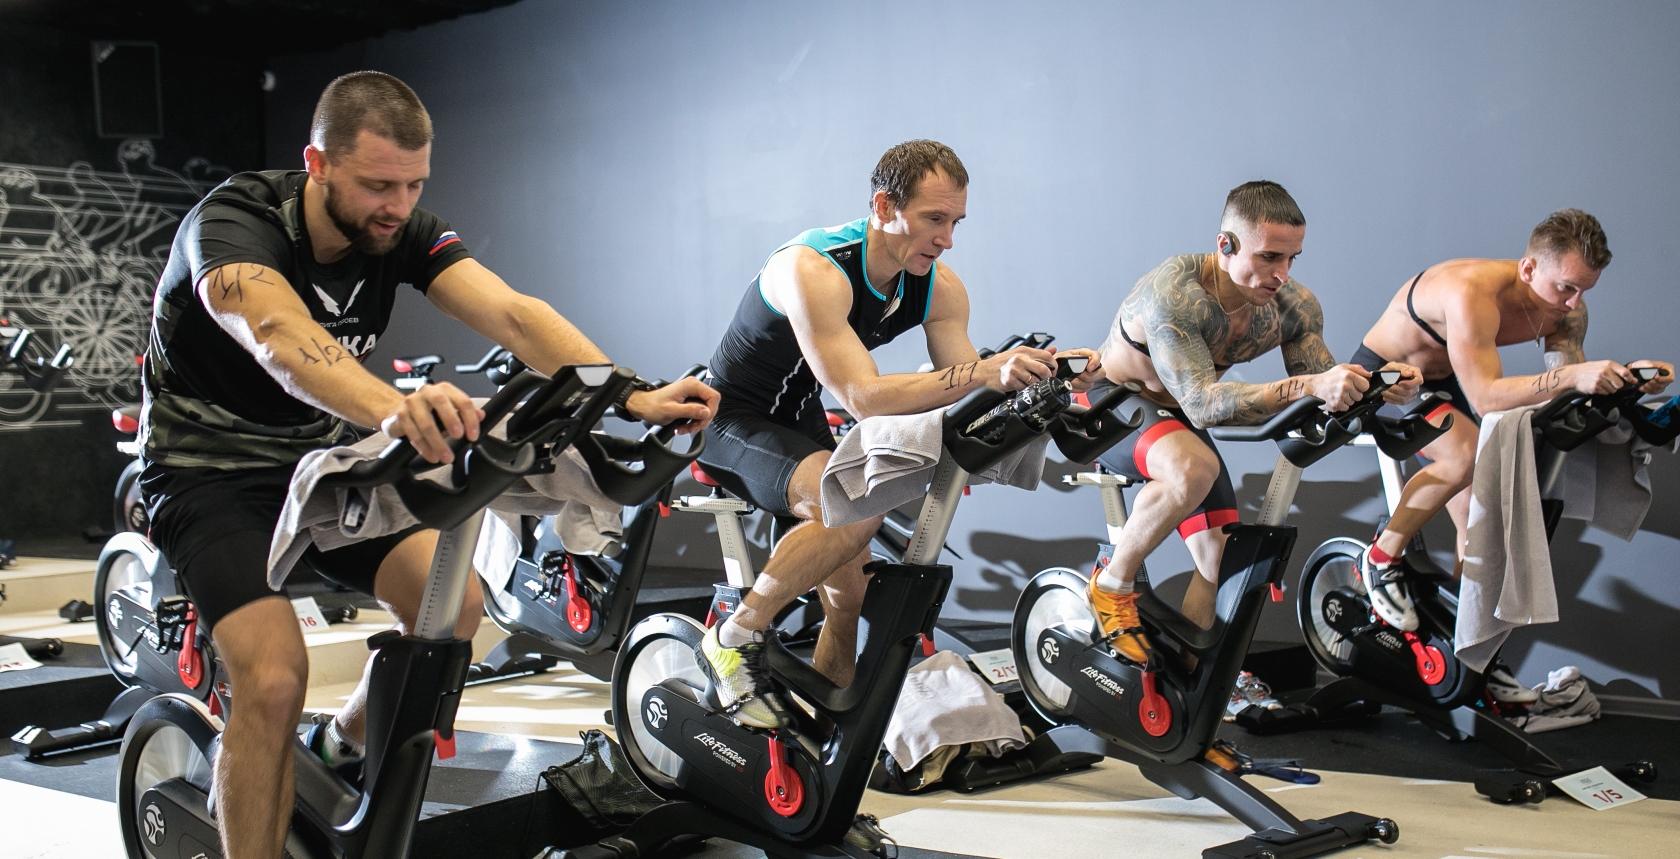 Велосипед против лишнего веса лишний вес zdravo.